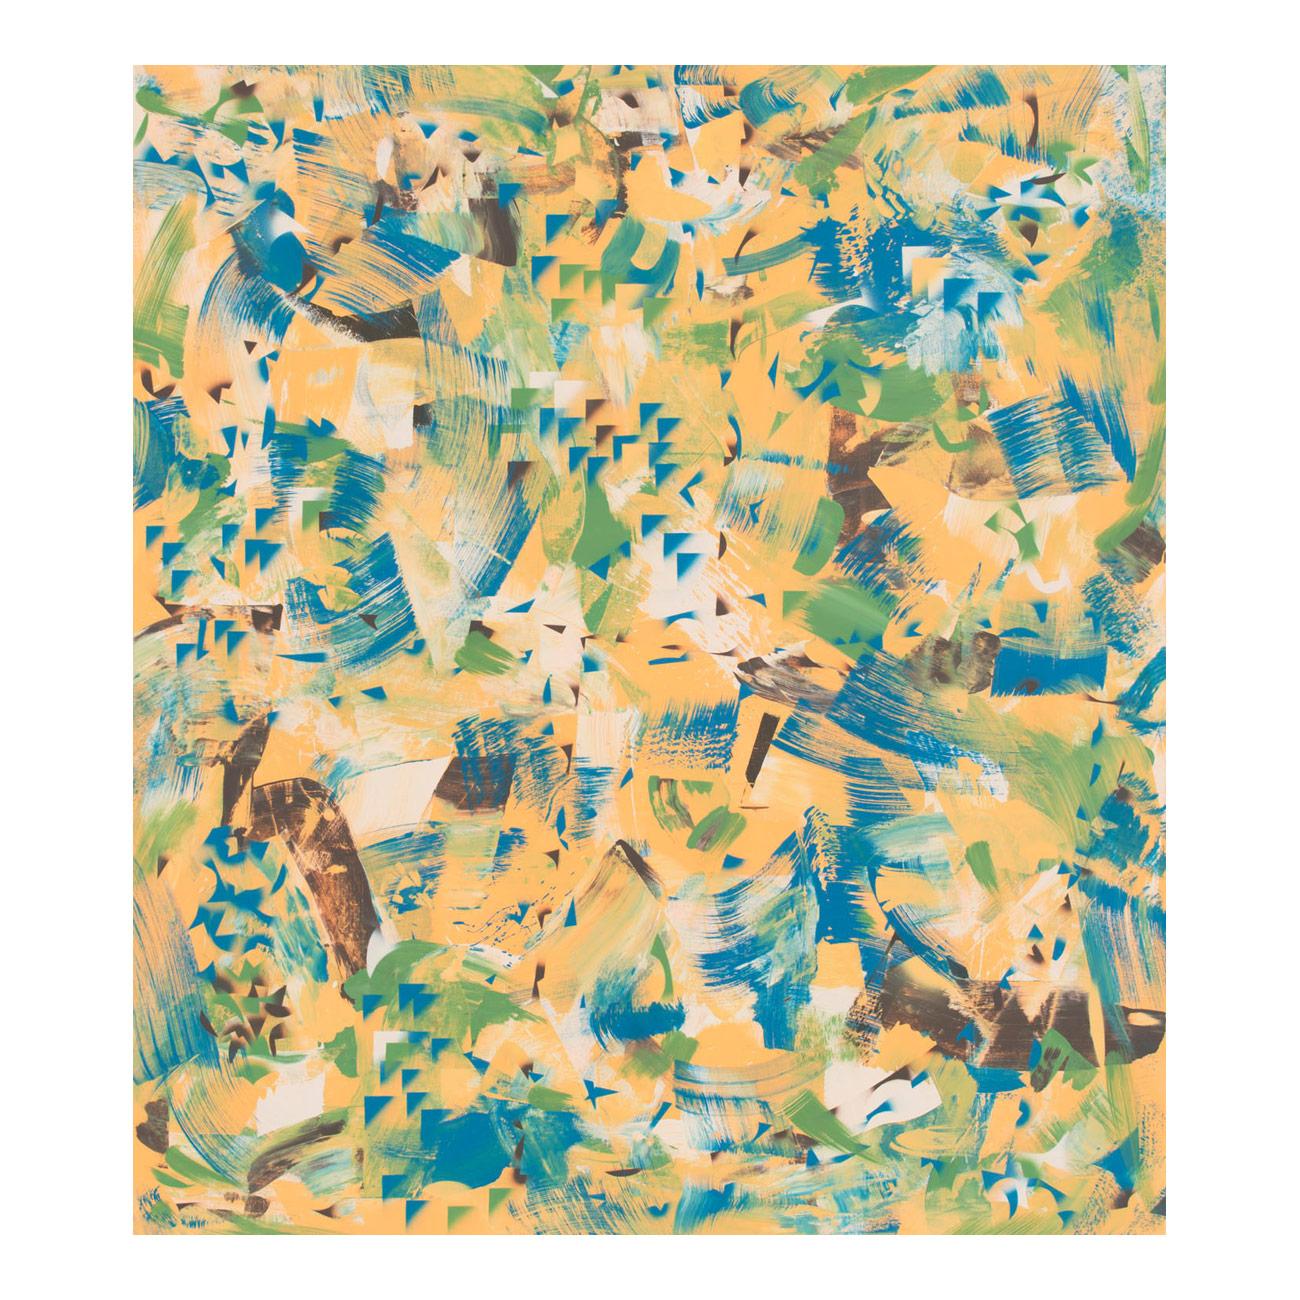 Piniennadel/man selbst . 2017 . 170 x 160 cm . Acryl auf Baumwolle